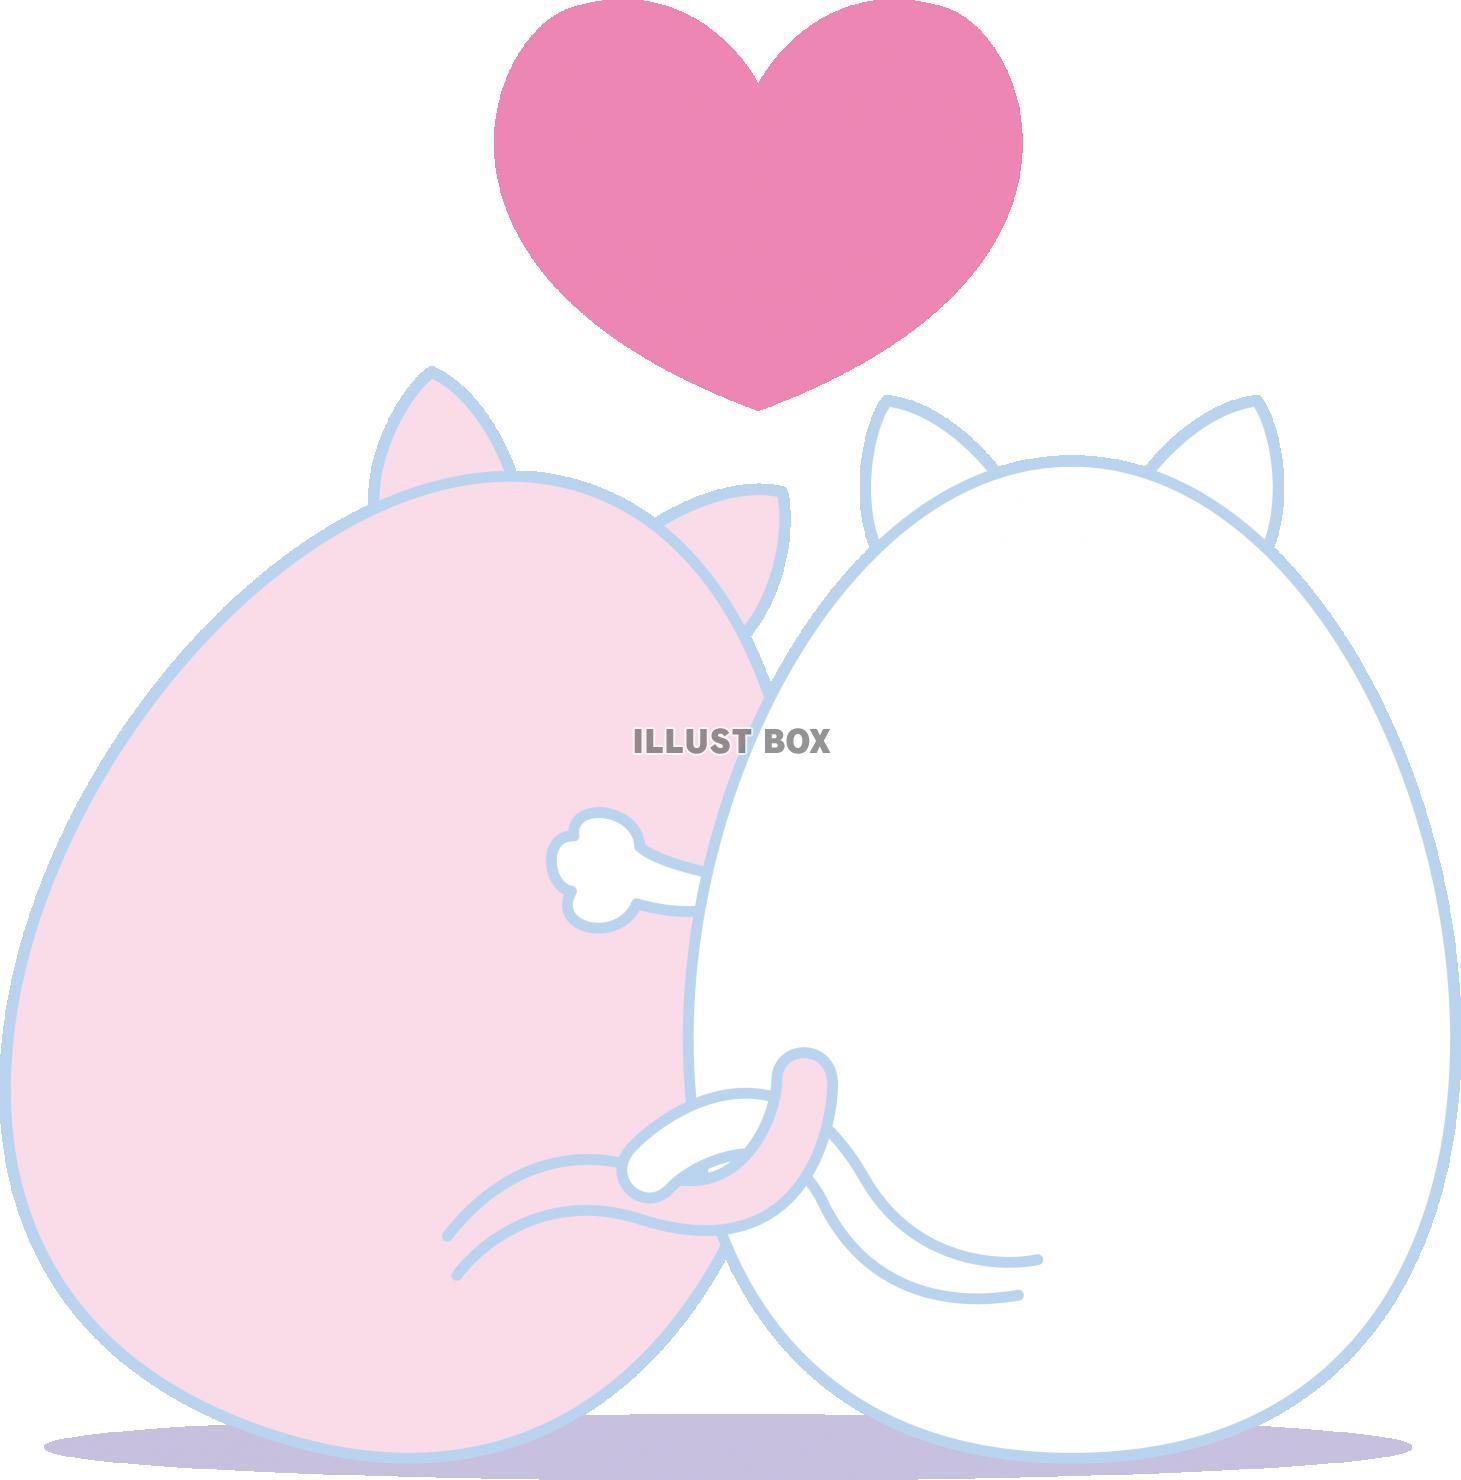 無料イラスト 動物 キャラクター ネコのカップル